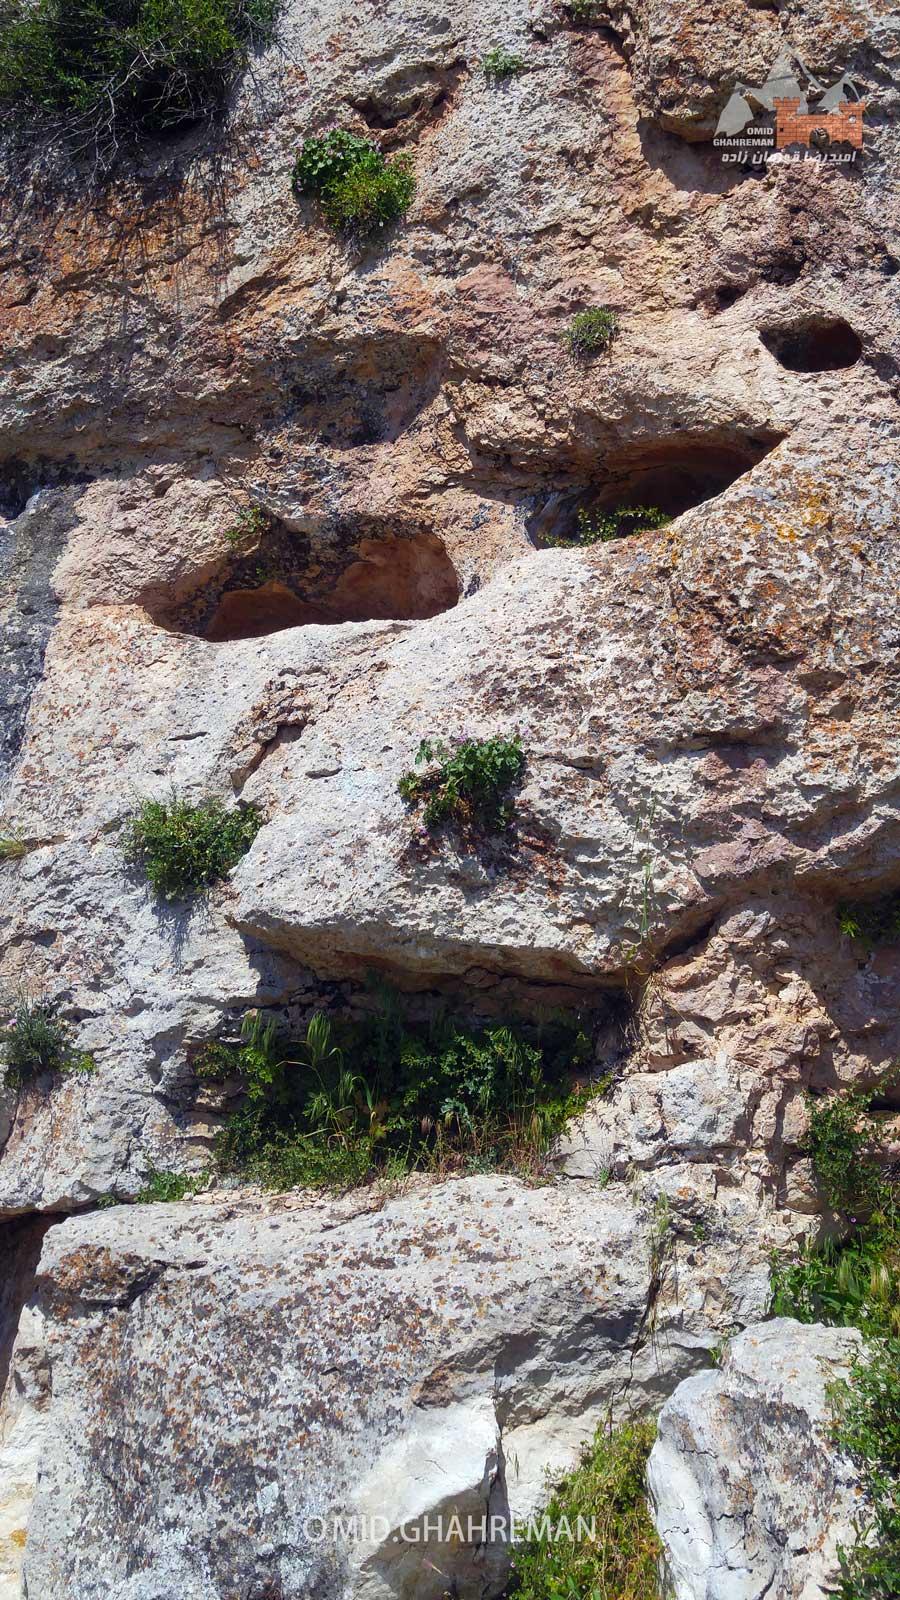 سنگ تراشه صورت انسان در نزدیکی غار خزنگاه ماکو